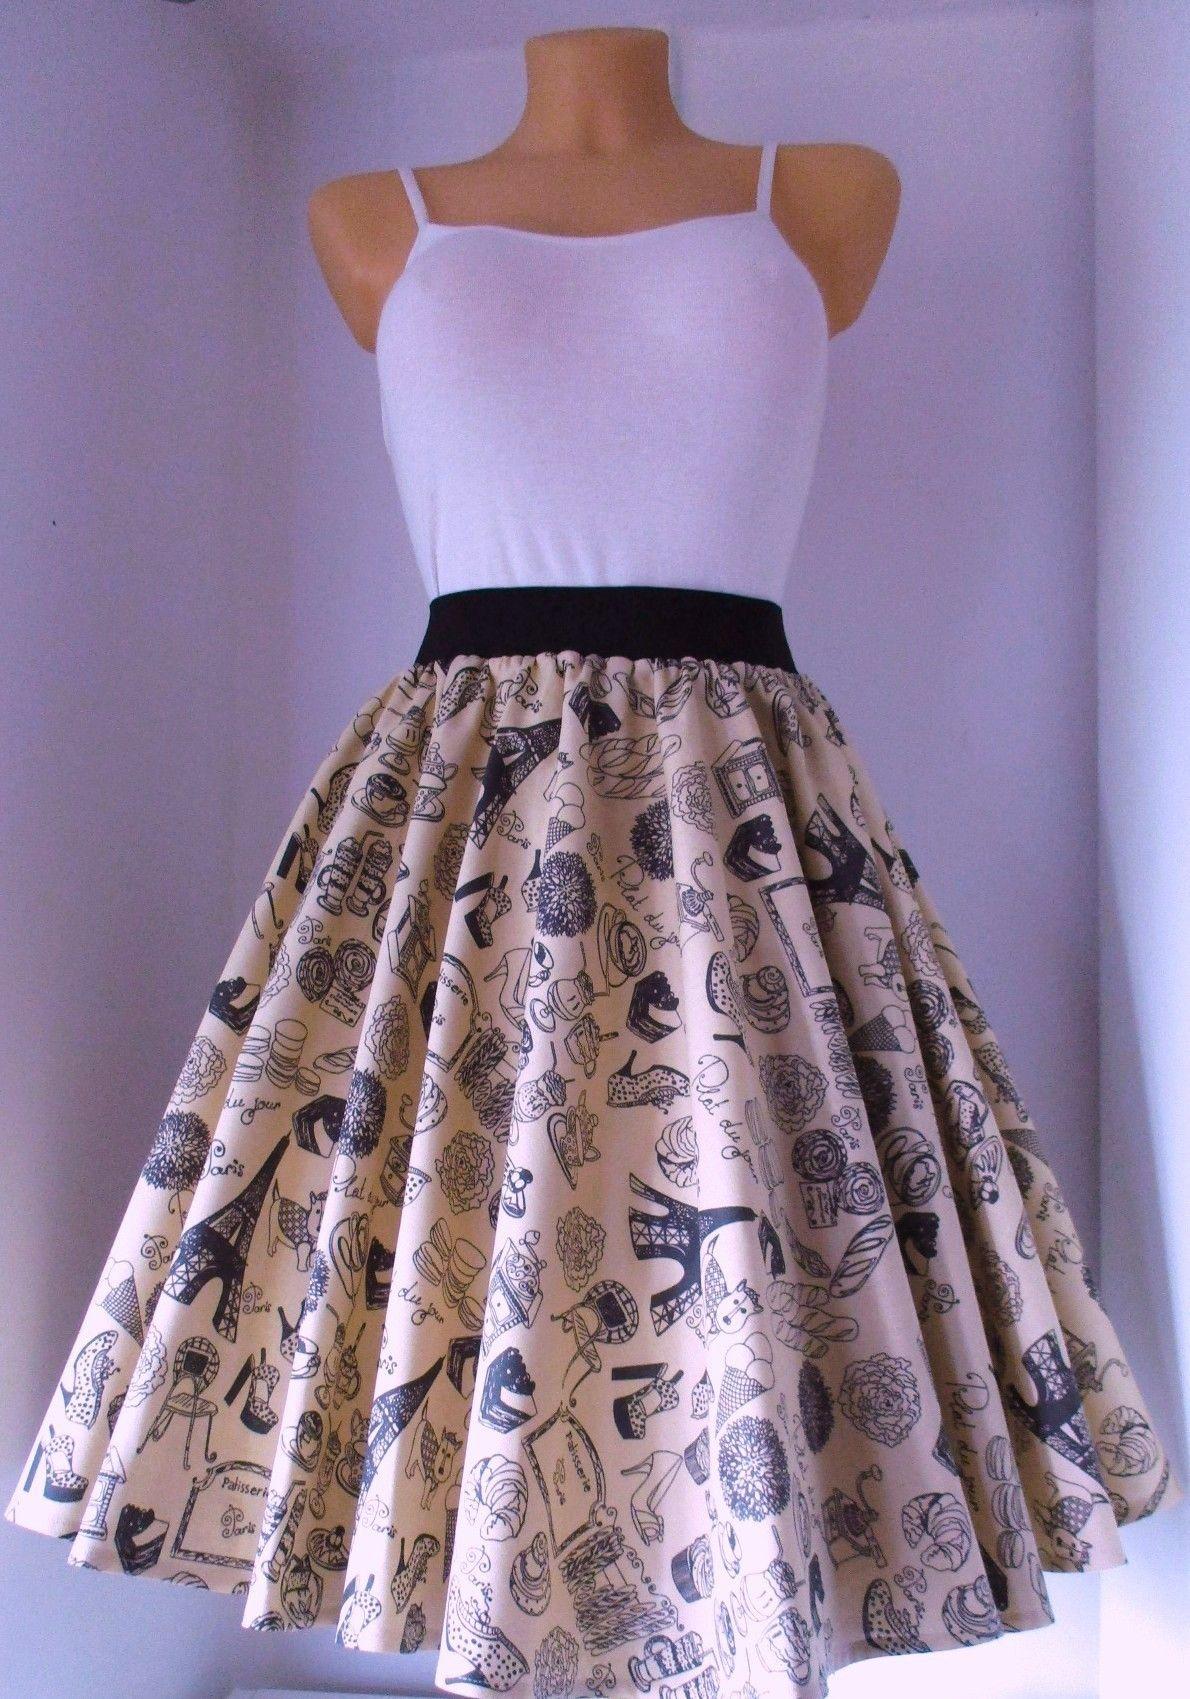 f9ce498b7aa7 Sukně+kolo+Paříš+ Kolová+sukně+z+kvalitní+pevné+100%+bavlny.+Barva ...